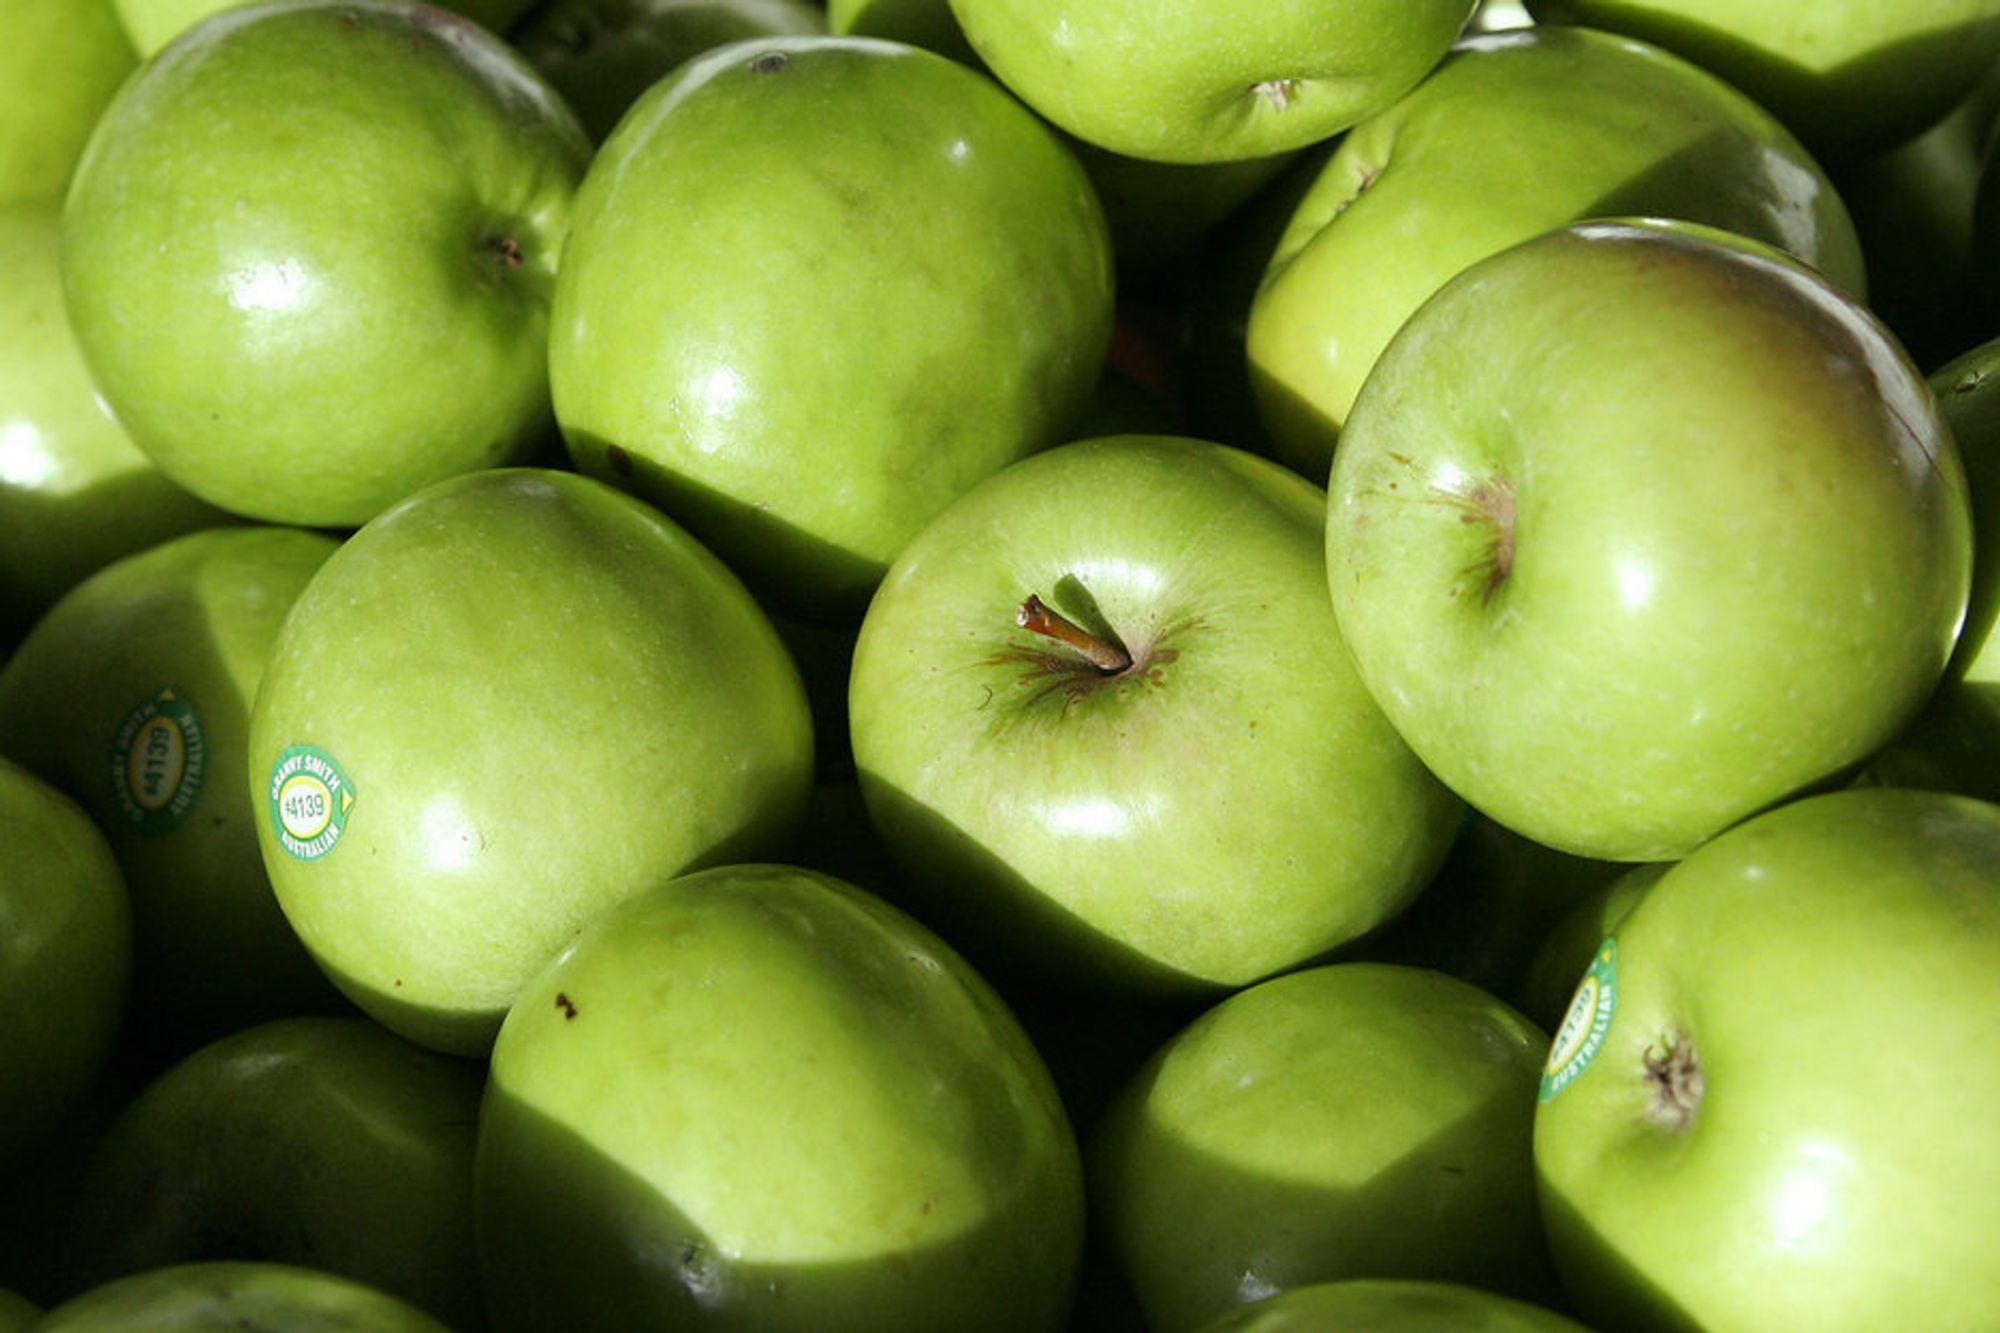 TESTES: Det candiske selskapet har slått av dette genet i eplesortene  Granny Smith, Golden Delicious, Gala og Fuji.